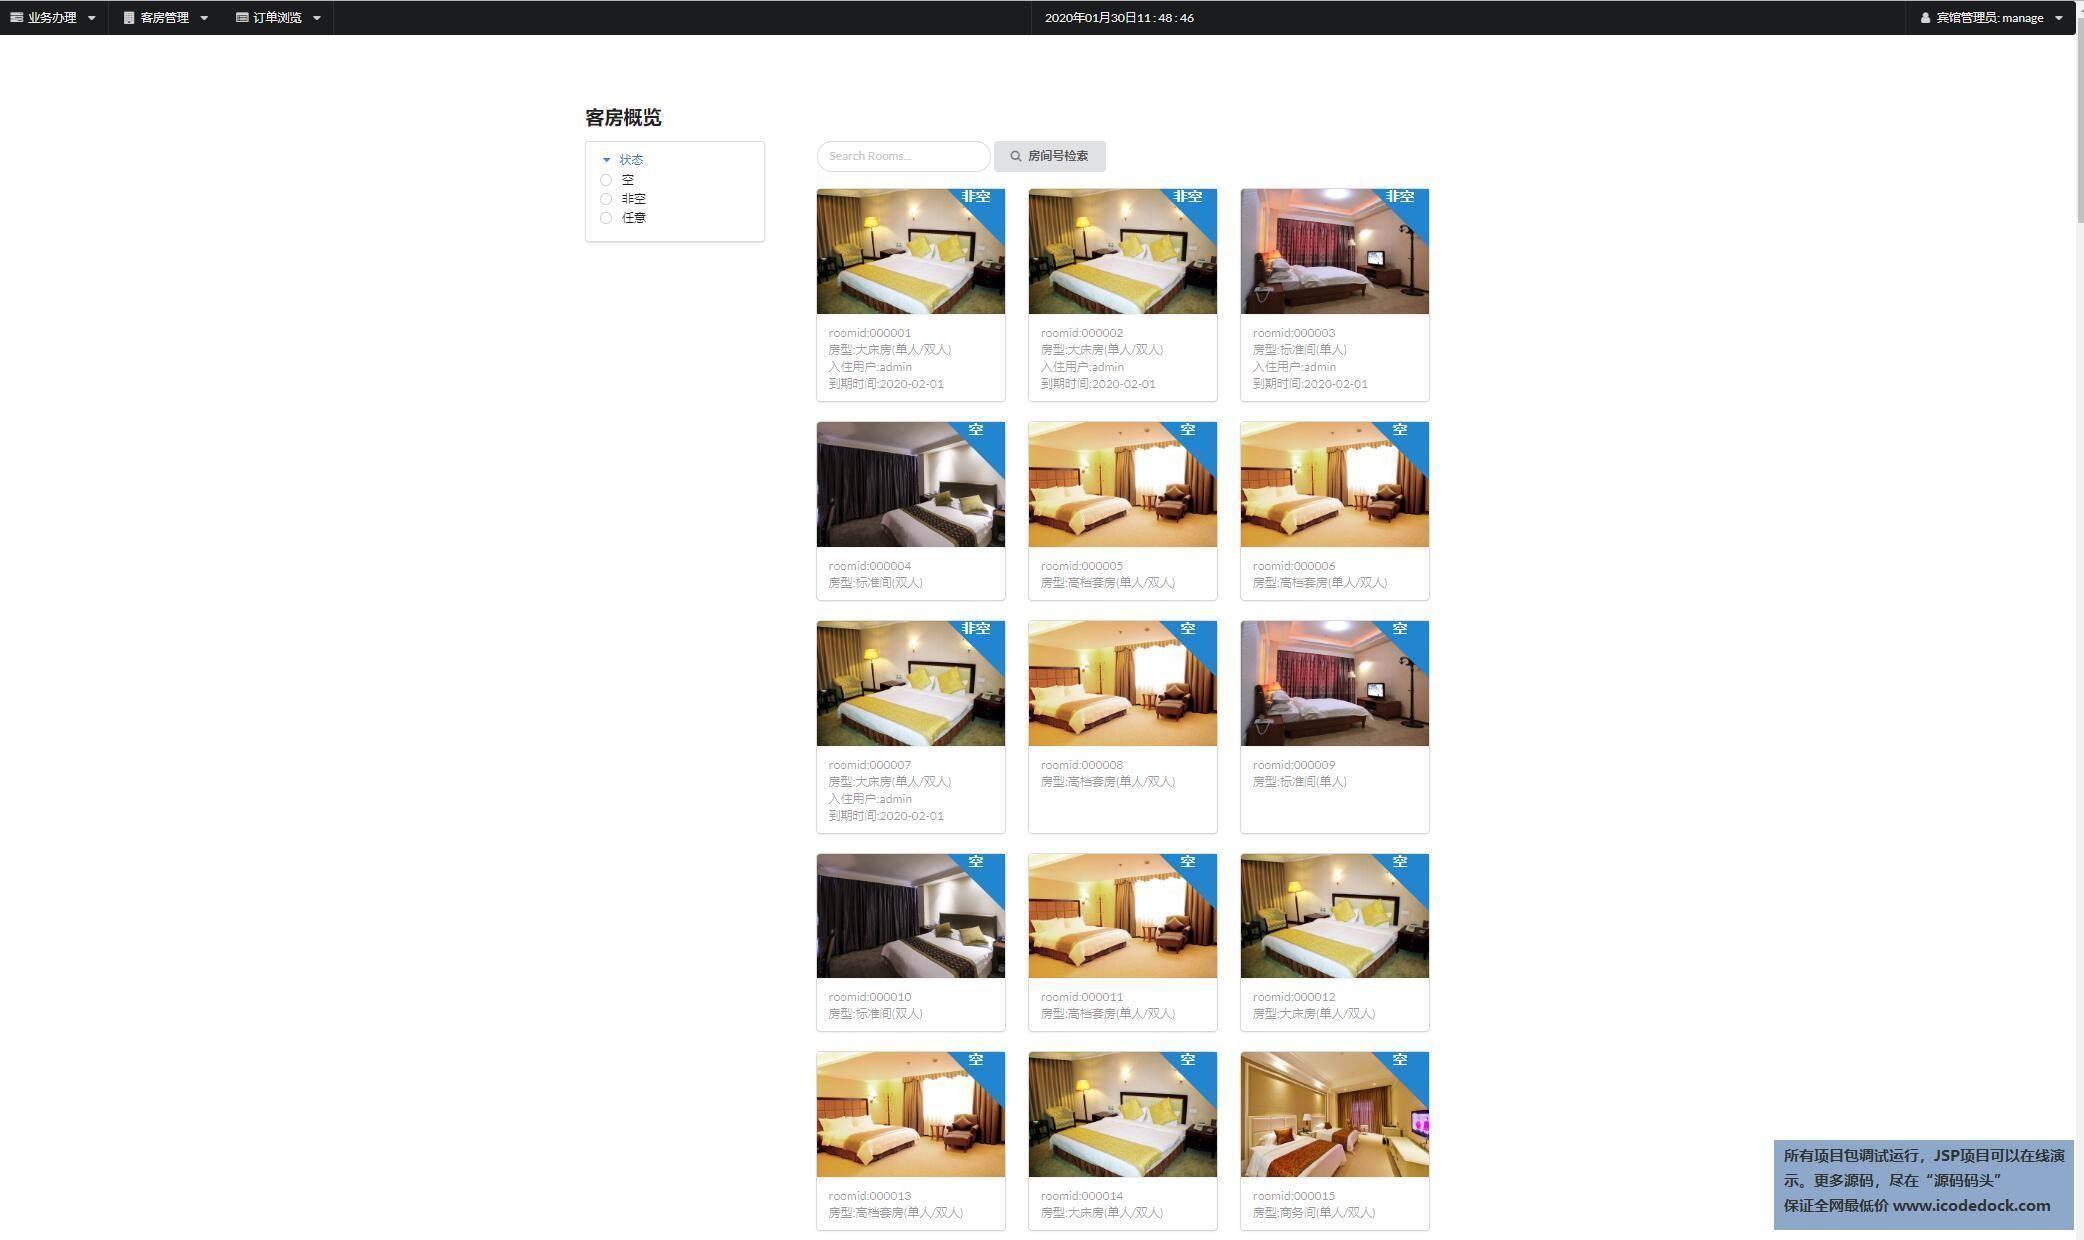 源码码头-JSP宾馆预定管理系统-员工角色-房间概览